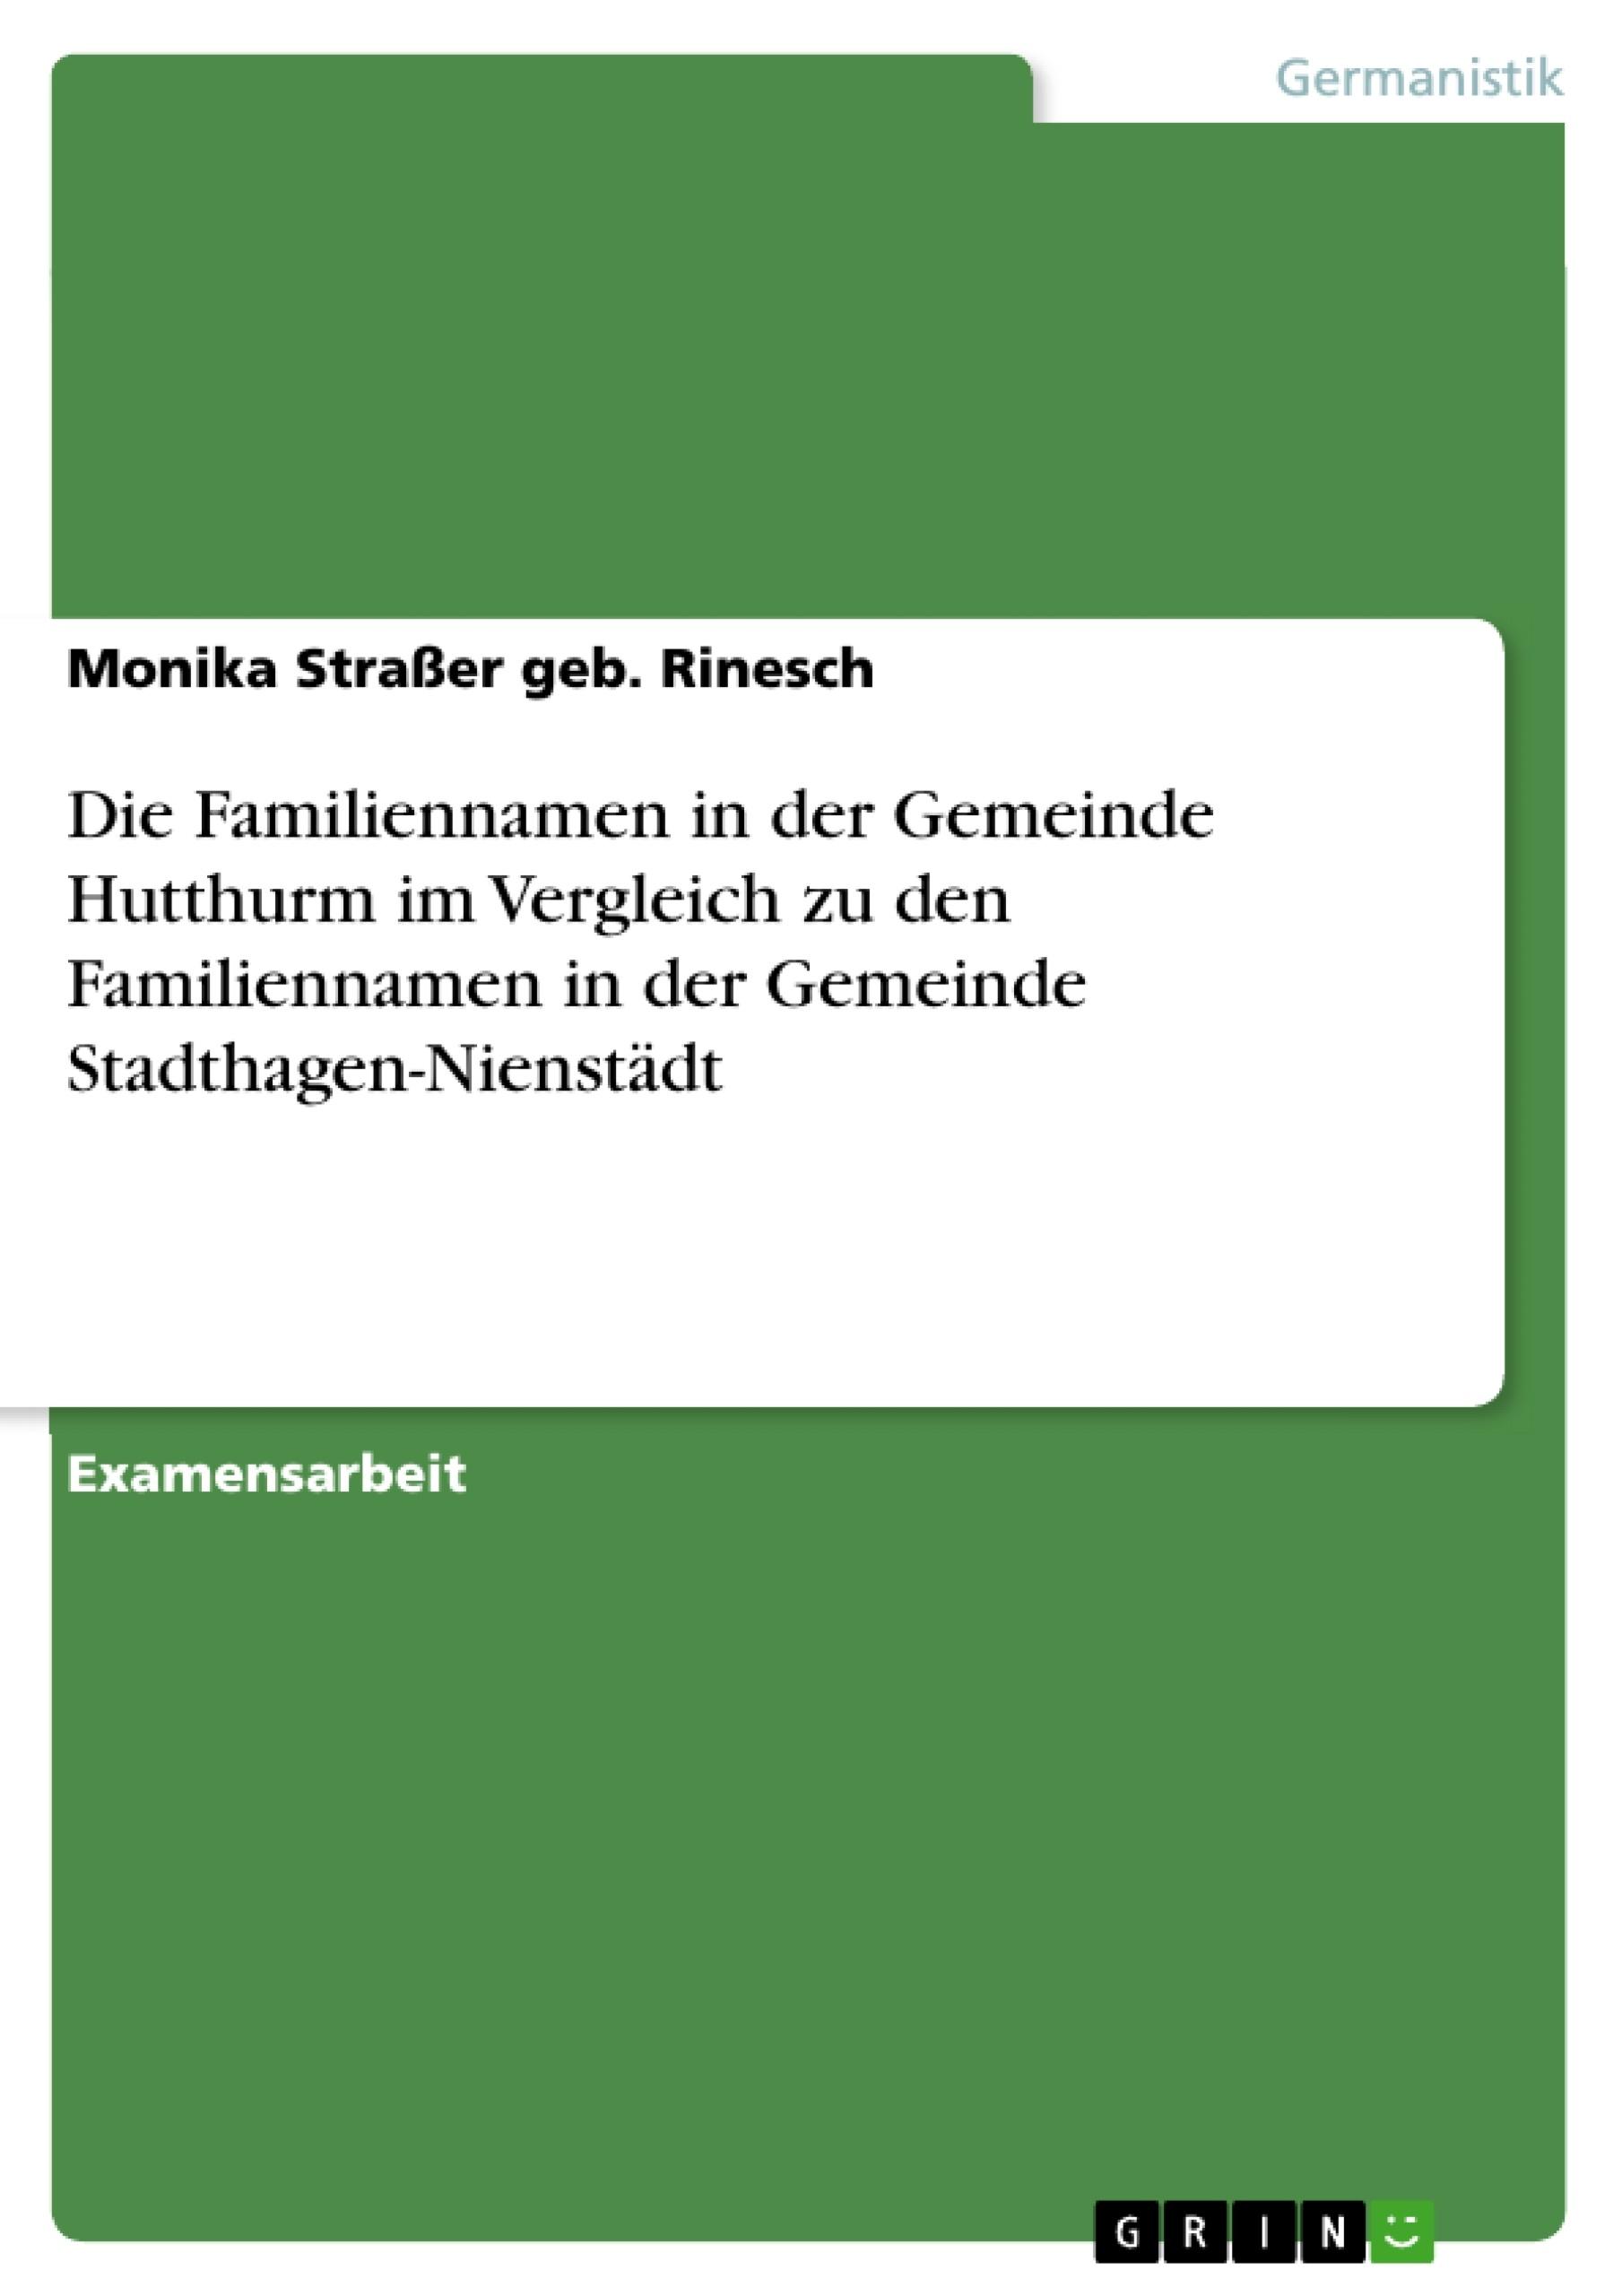 Titel: Die Familiennamen in der Gemeinde Hutthurm im Vergleich zu den Familiennamen in der Gemeinde Stadthagen-Nienstädt